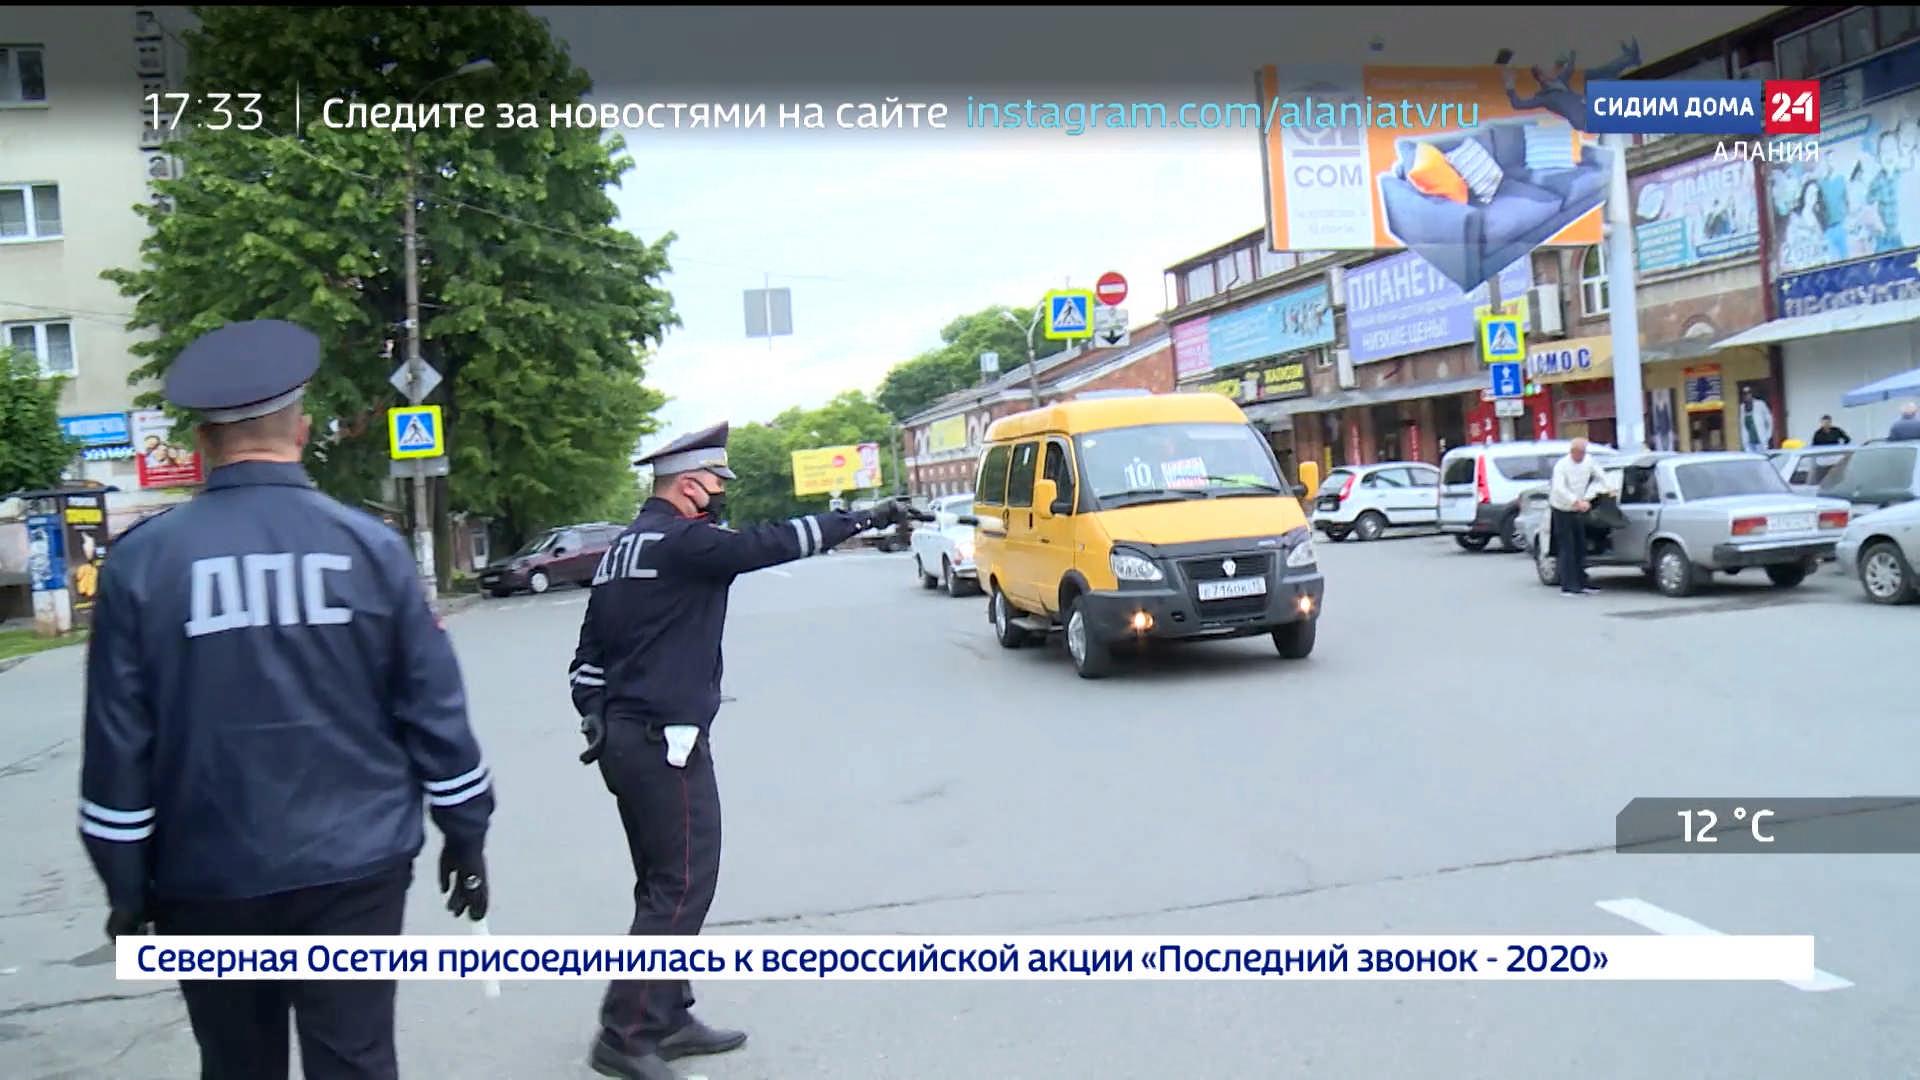 Специалисты Роспотребнадзора проверили соблюдение масочного режима в общественном транспорте